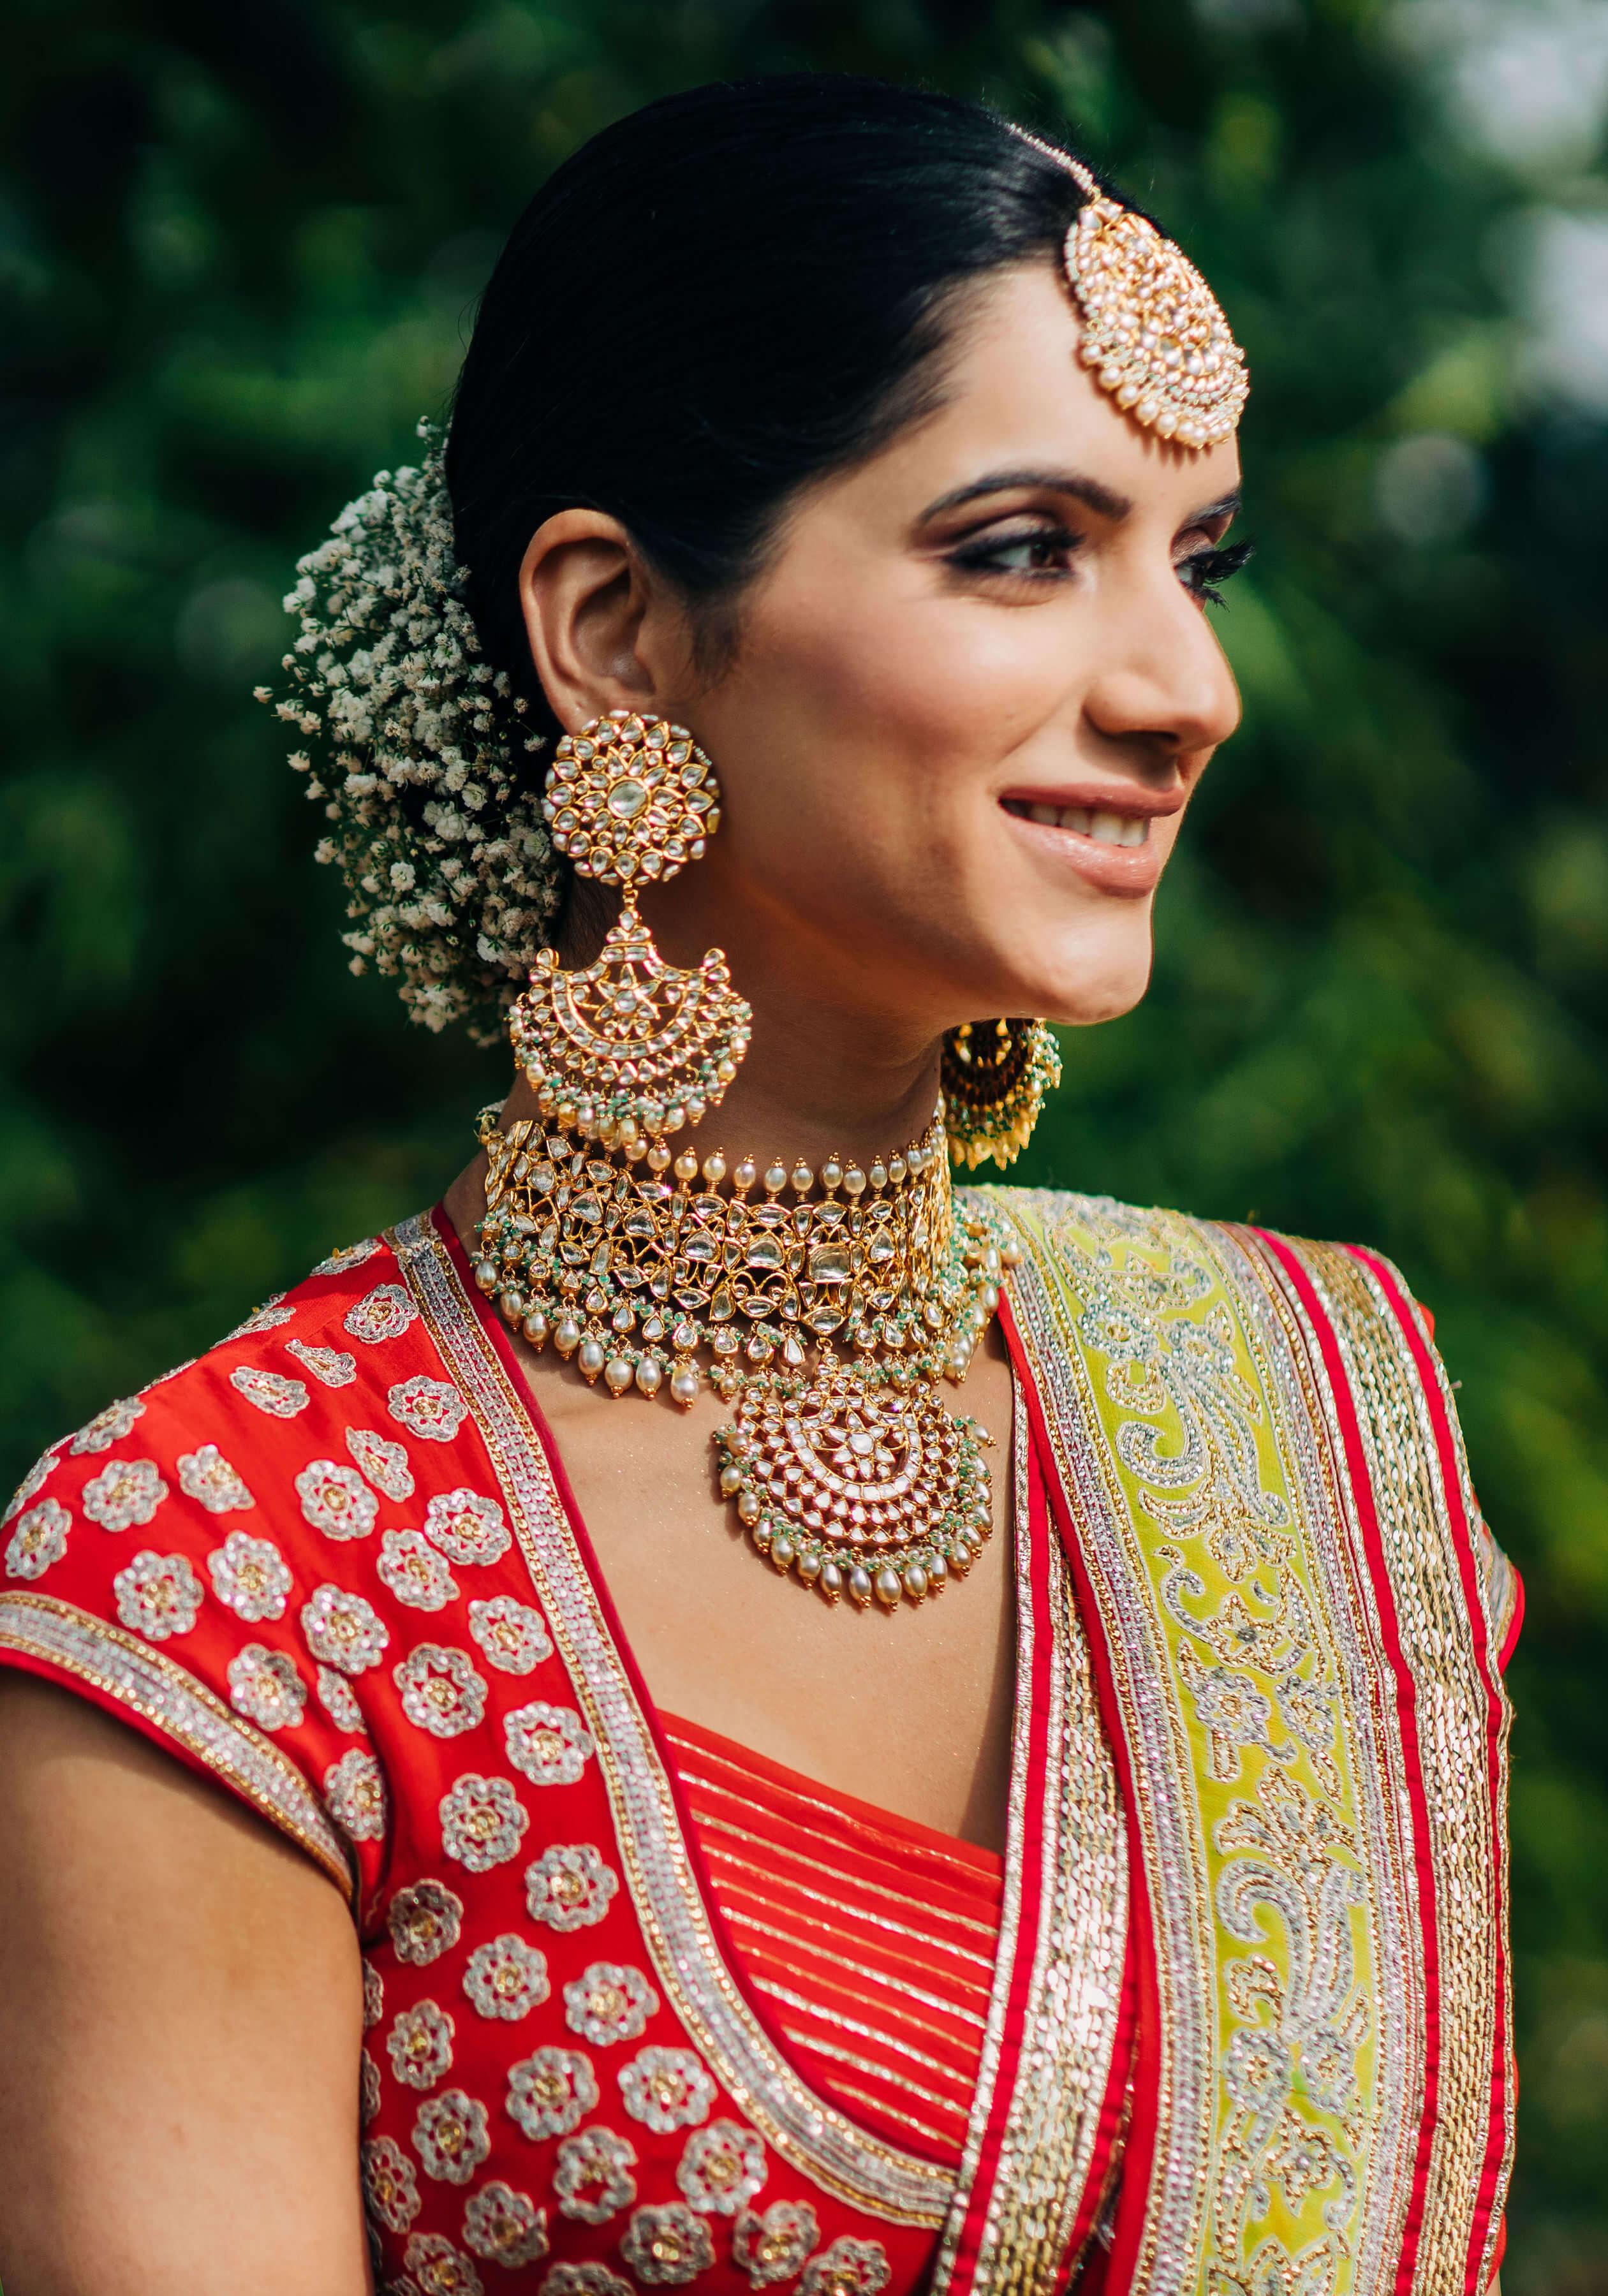 oversized wedding jewellery